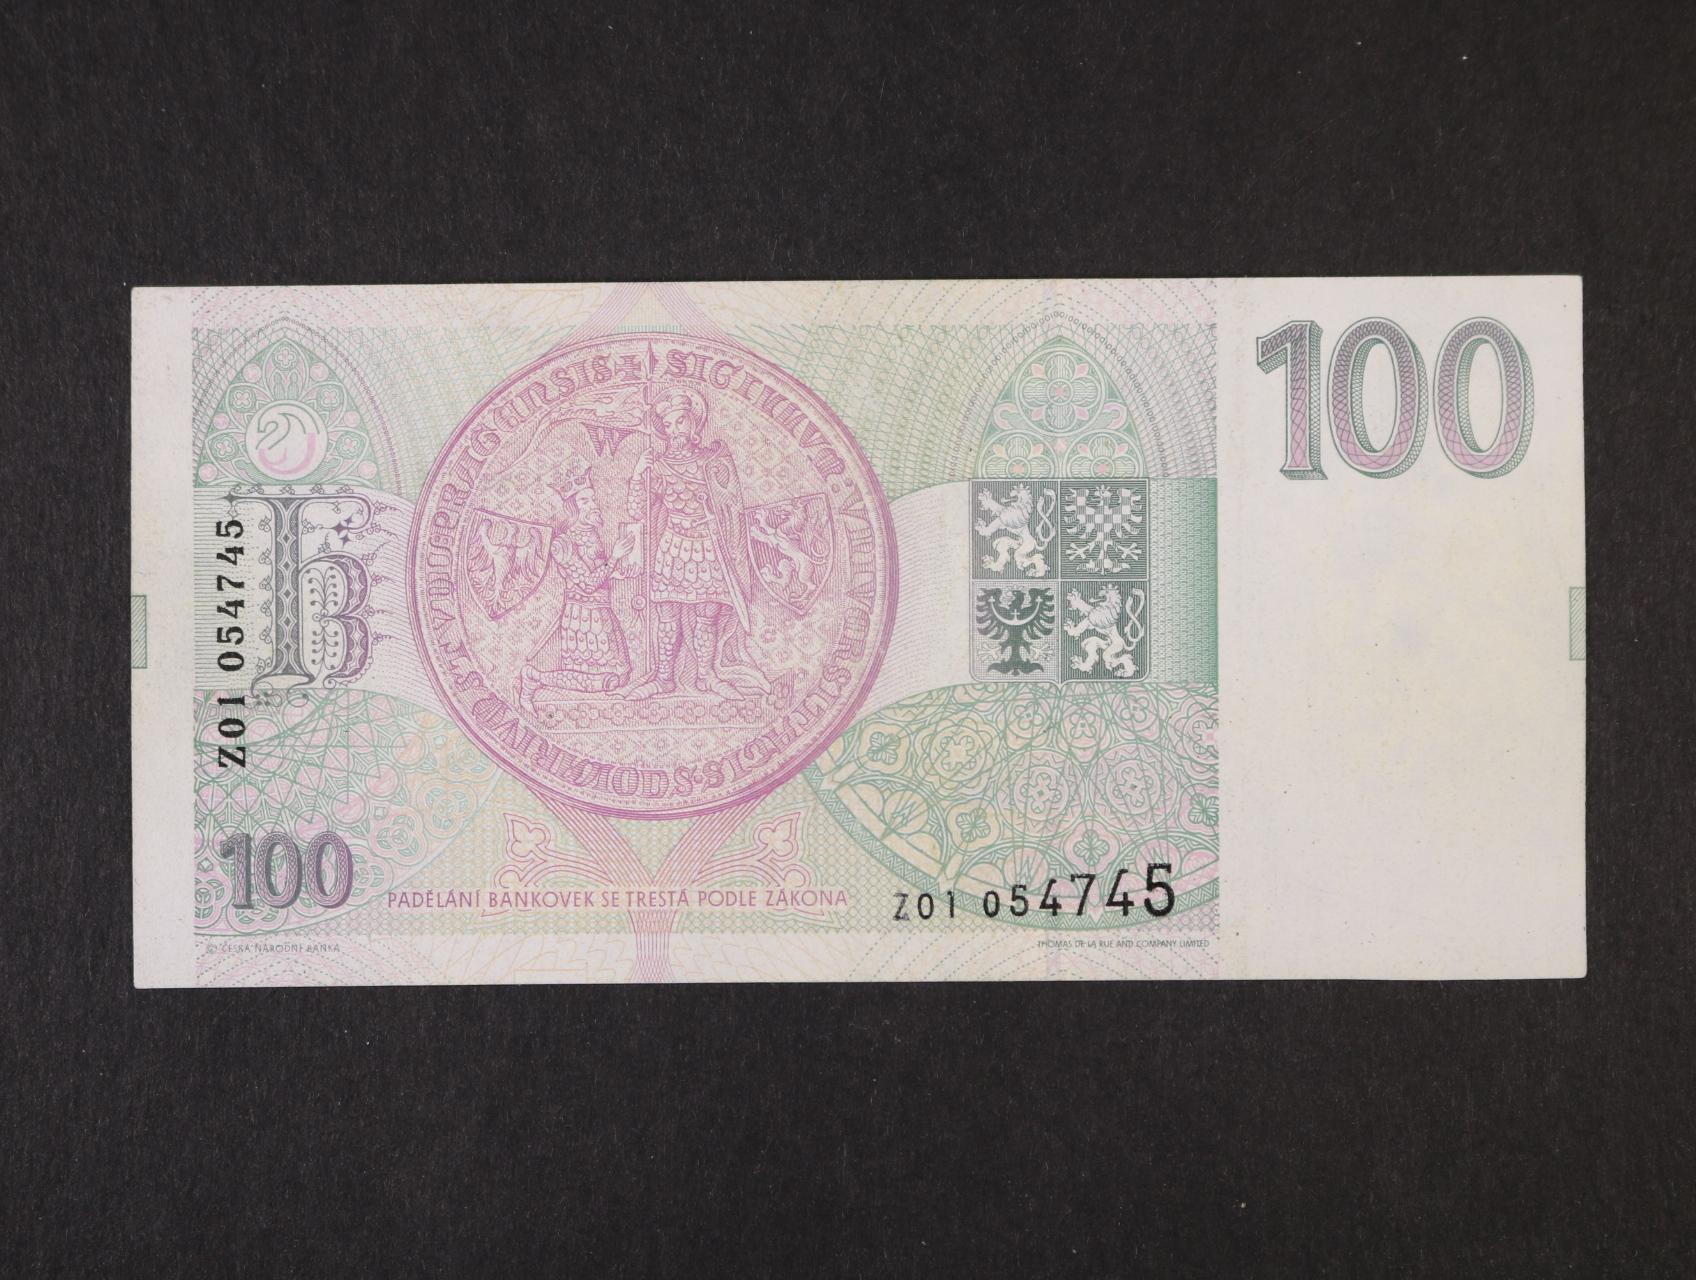 100 Kč 1993 série Z 01, Ba. CZ 5b